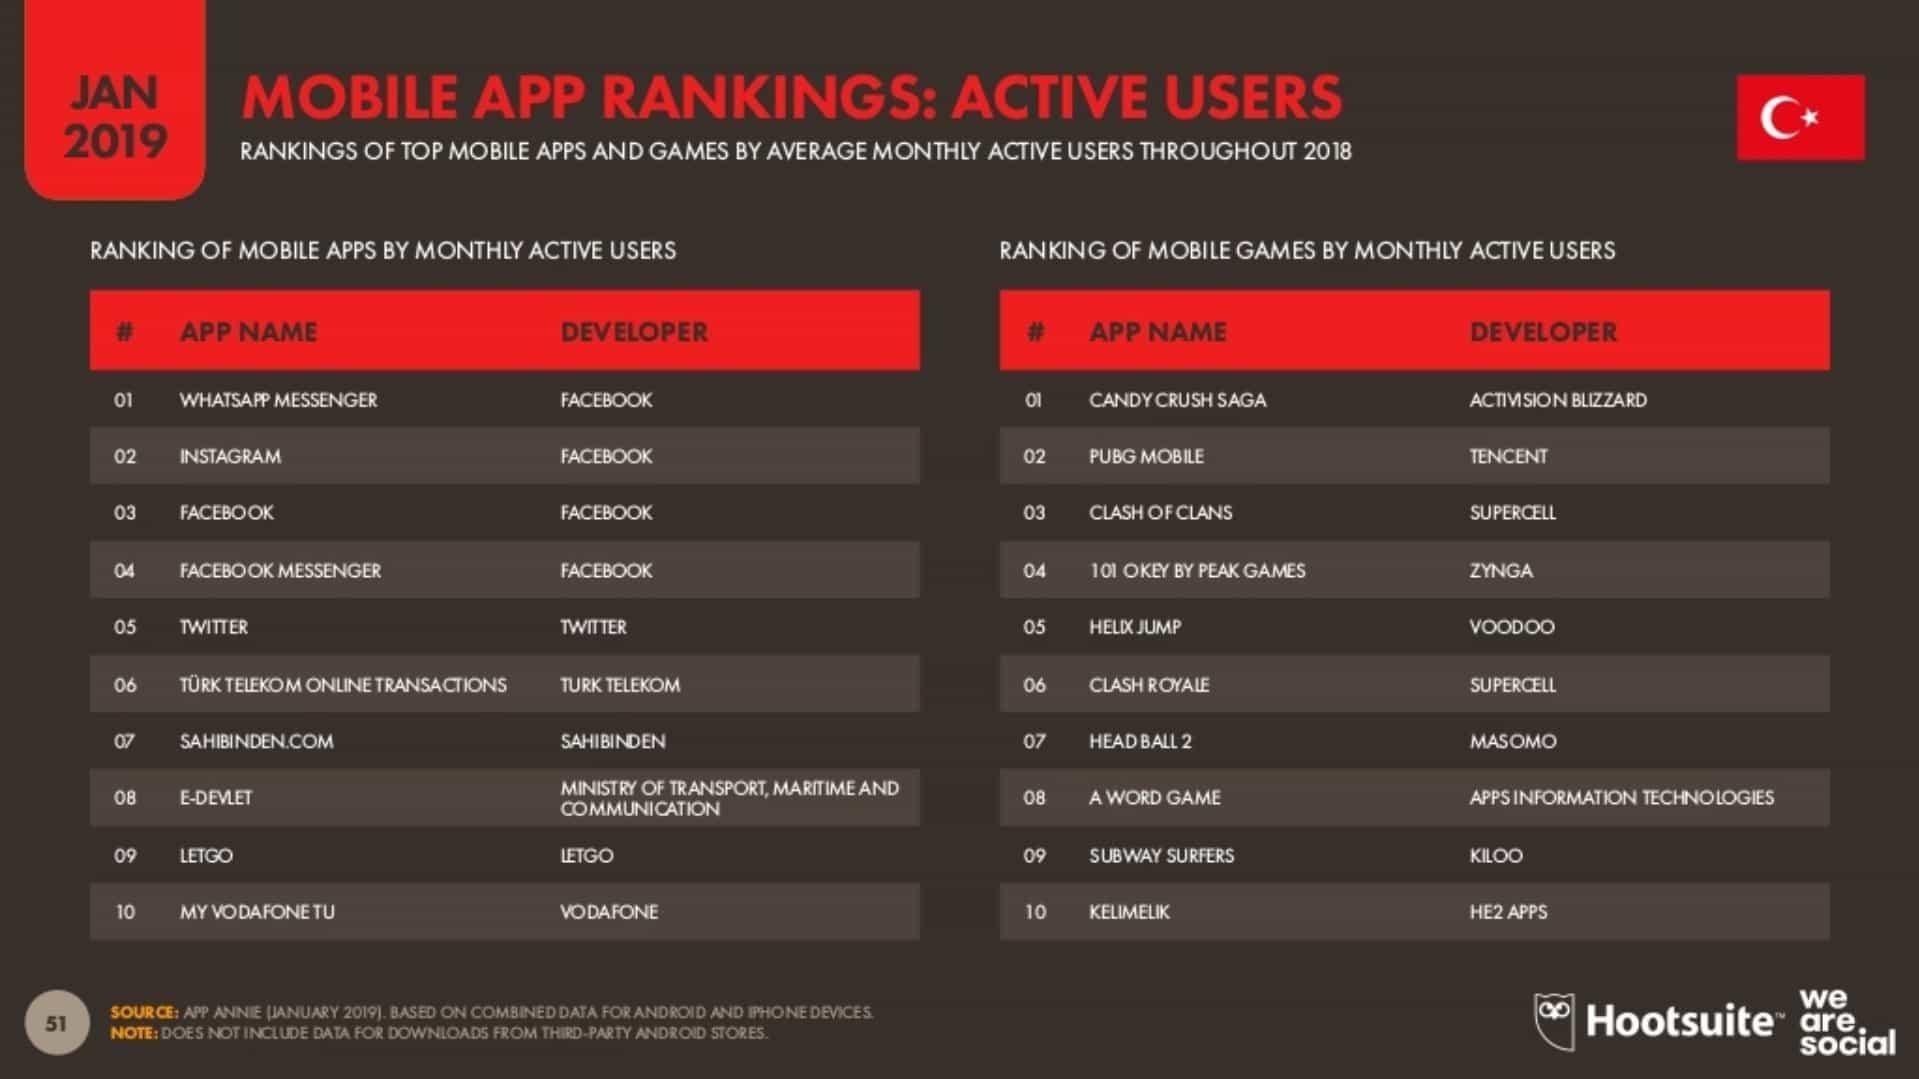 Aktif Kullanıcı Sayılarına Göre En Çok Kullanılan Mobil Uygulamalar